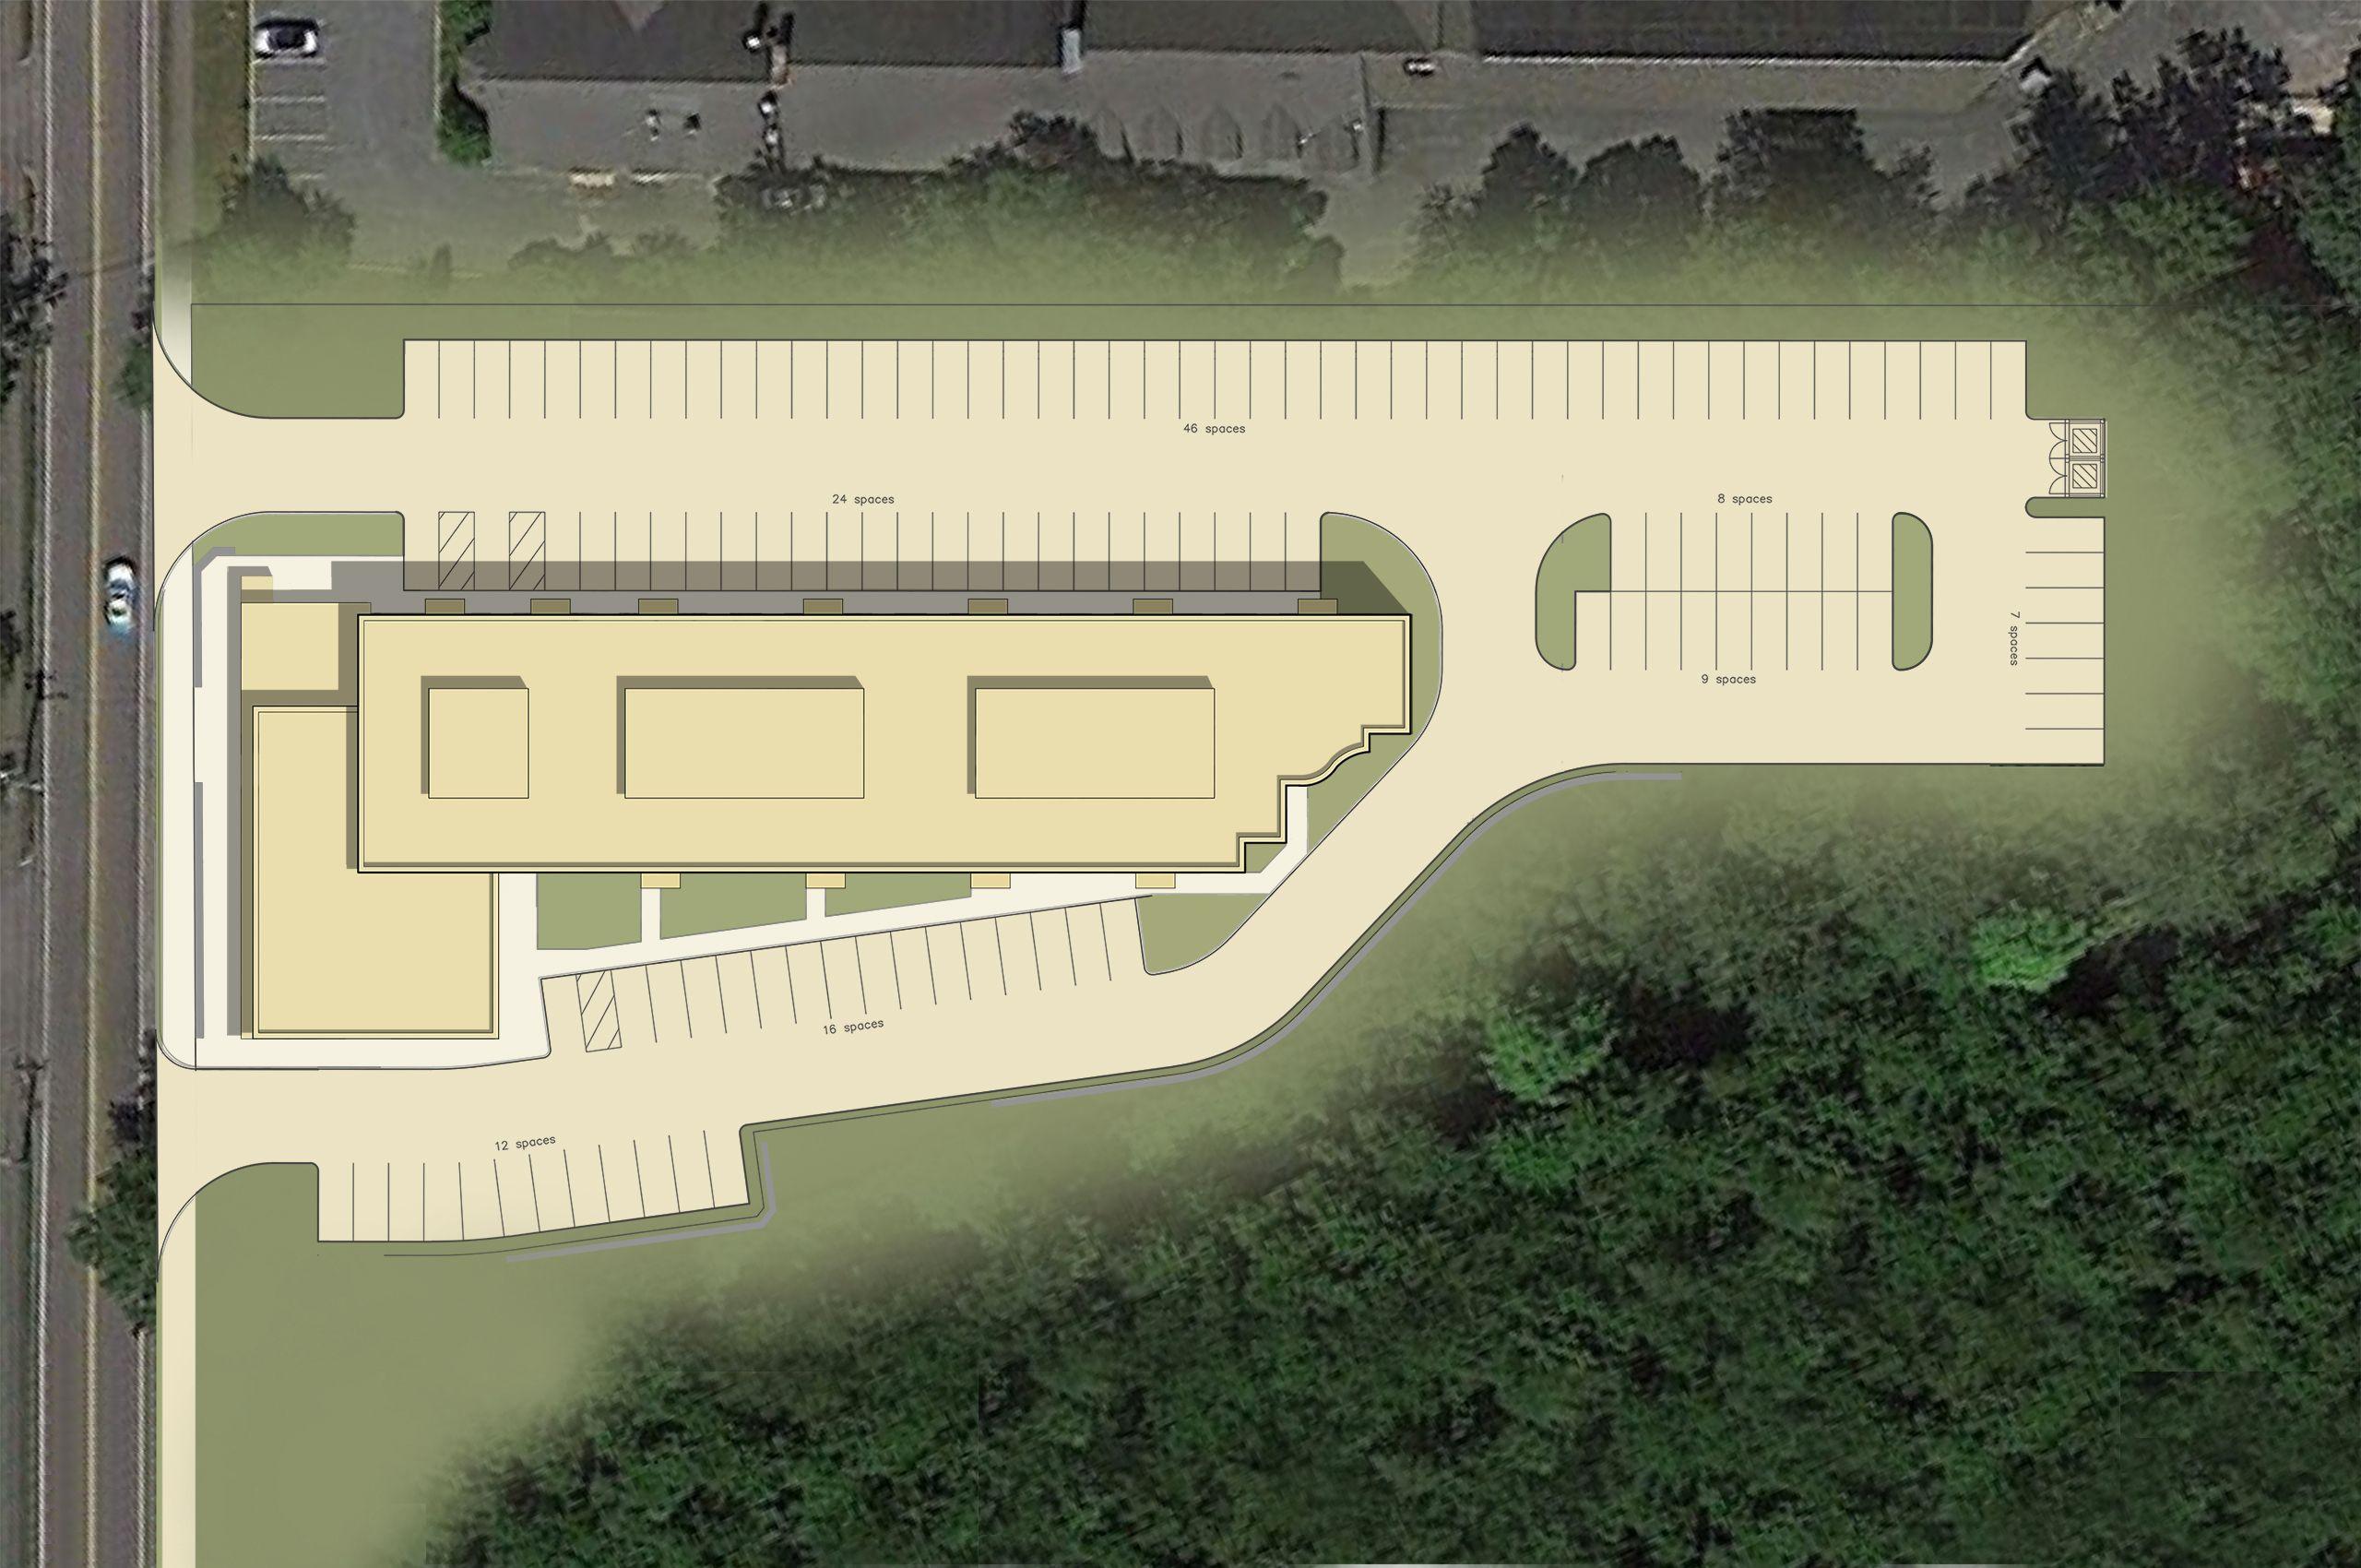 EastMain-Westboro-RoofPlan.jpg